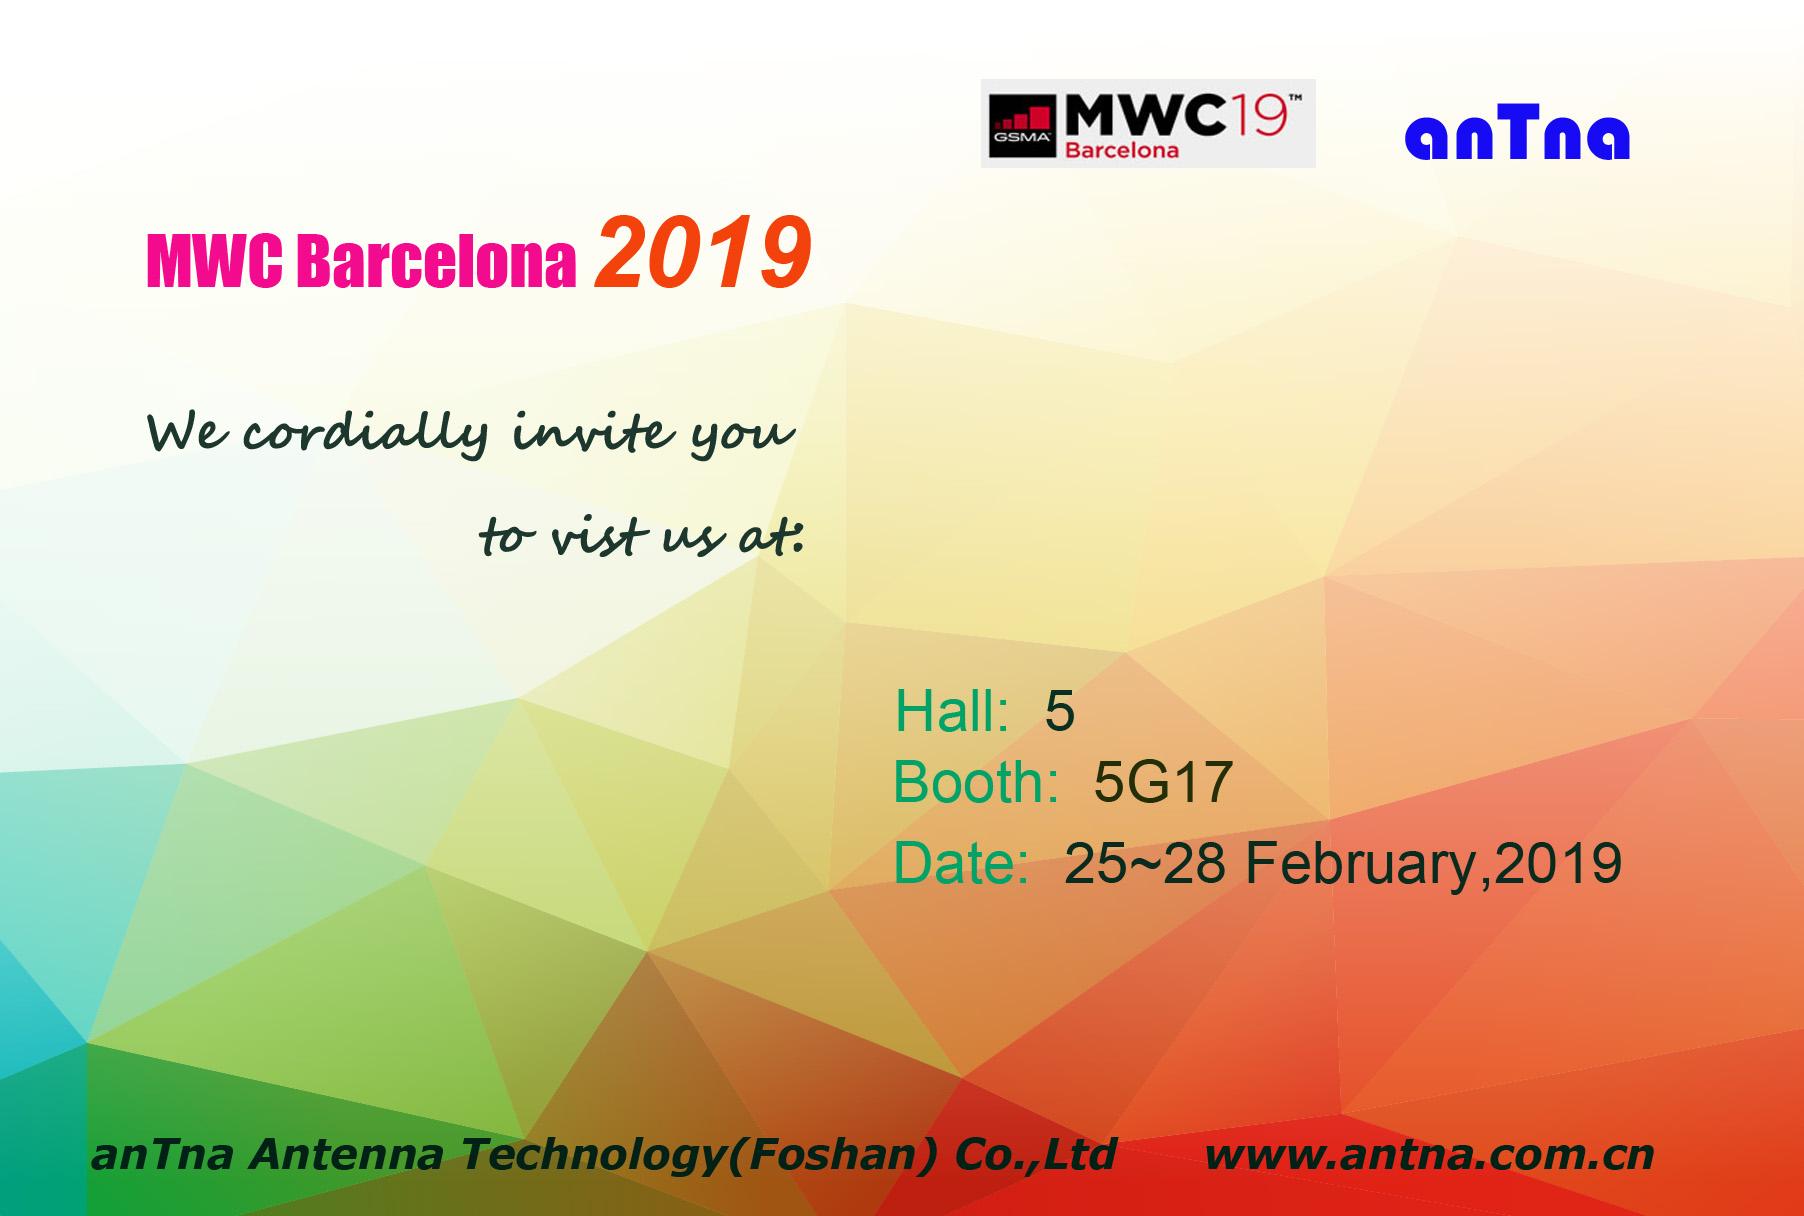 Meet us in MWC Barcelona 2019